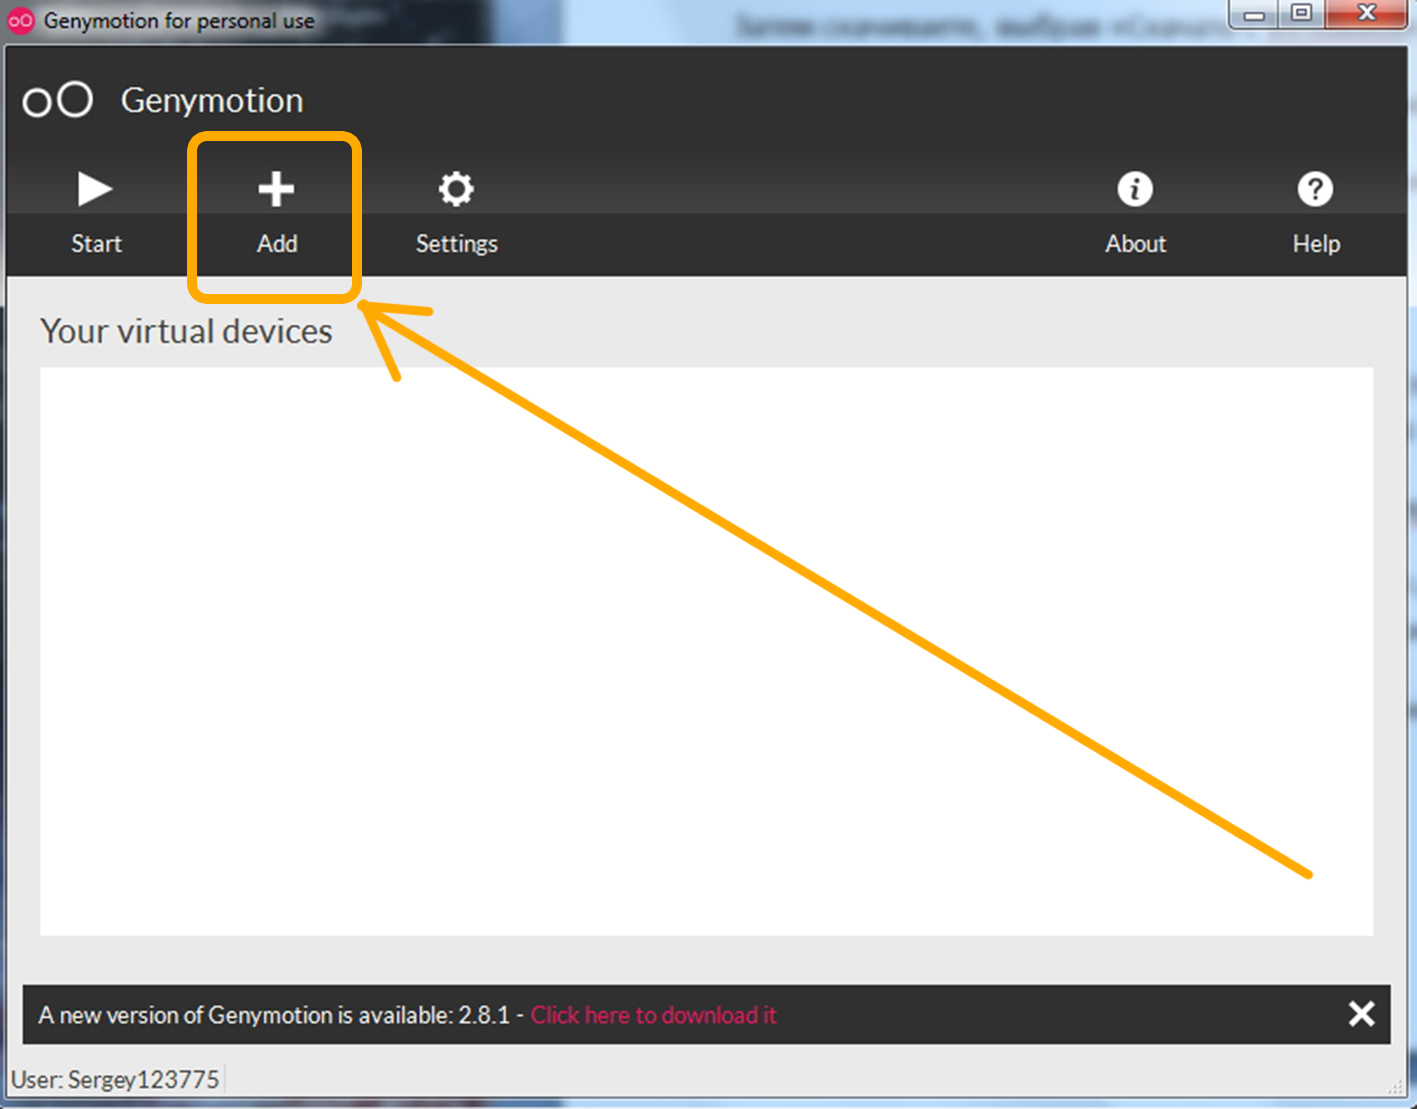 Окно программы Genymotion, в котором пользователю нужно выбрать виртуальное устройство